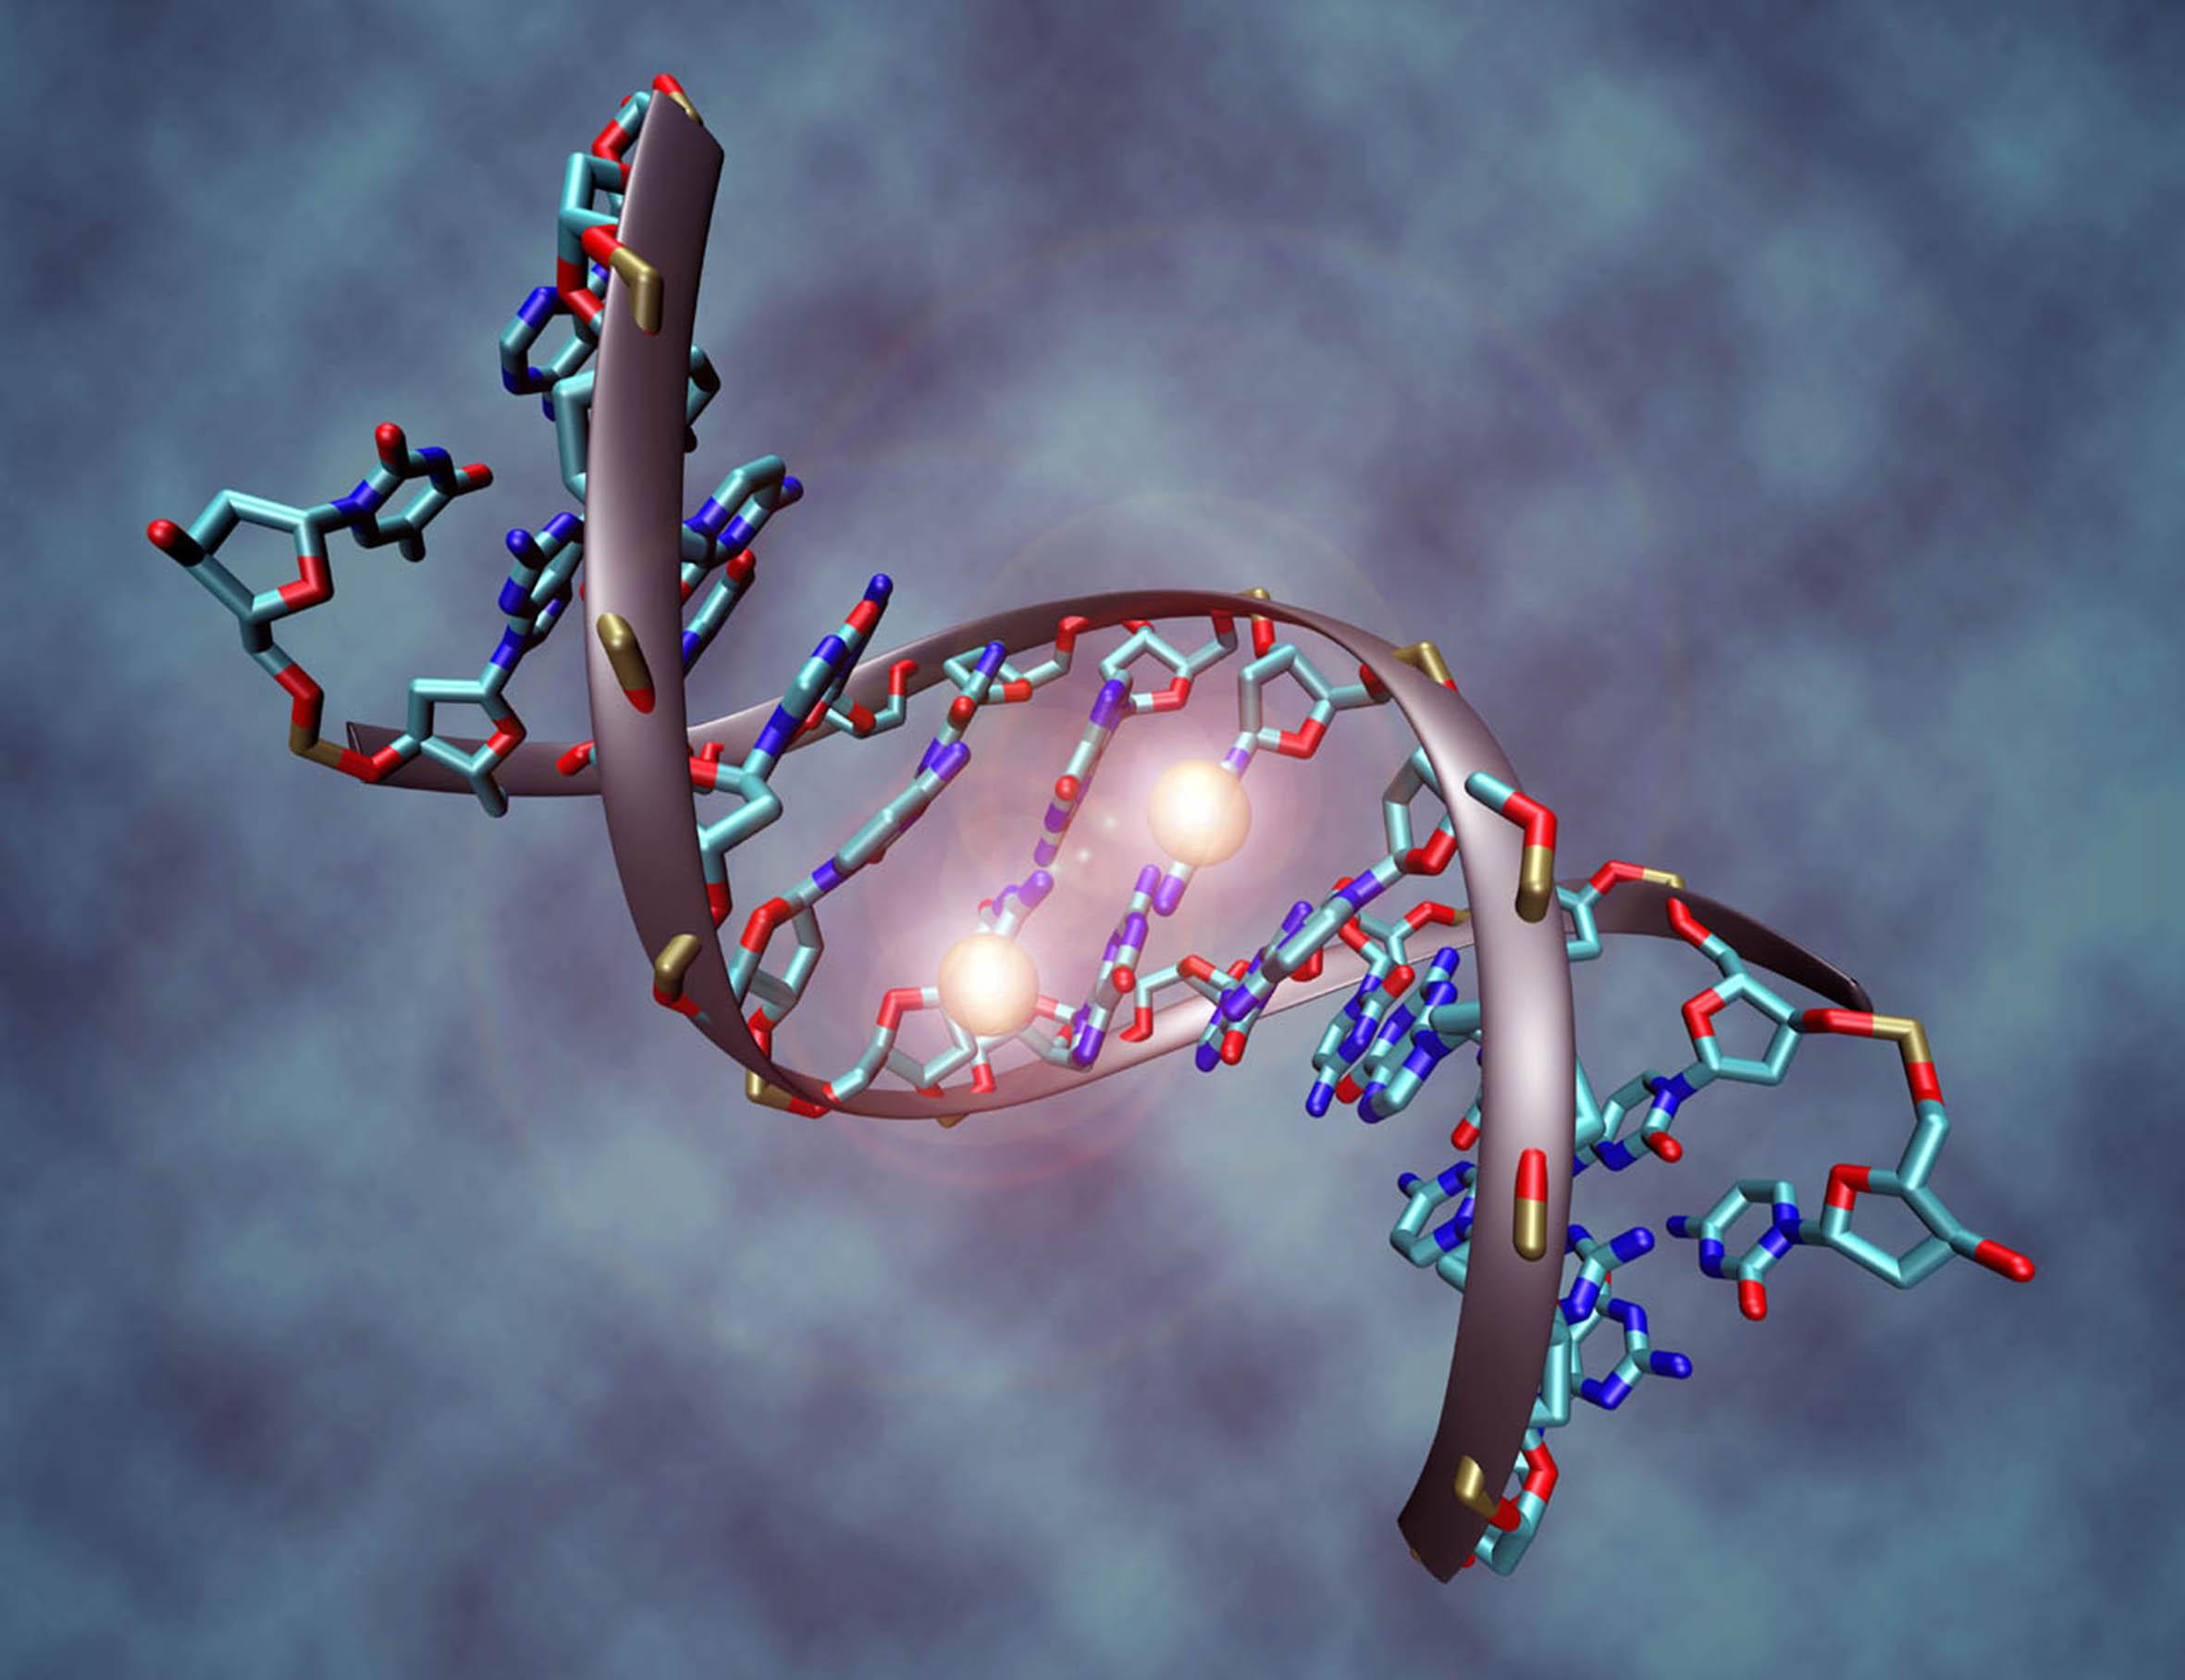 El ADN tiene una huella vibracional única - UNAM